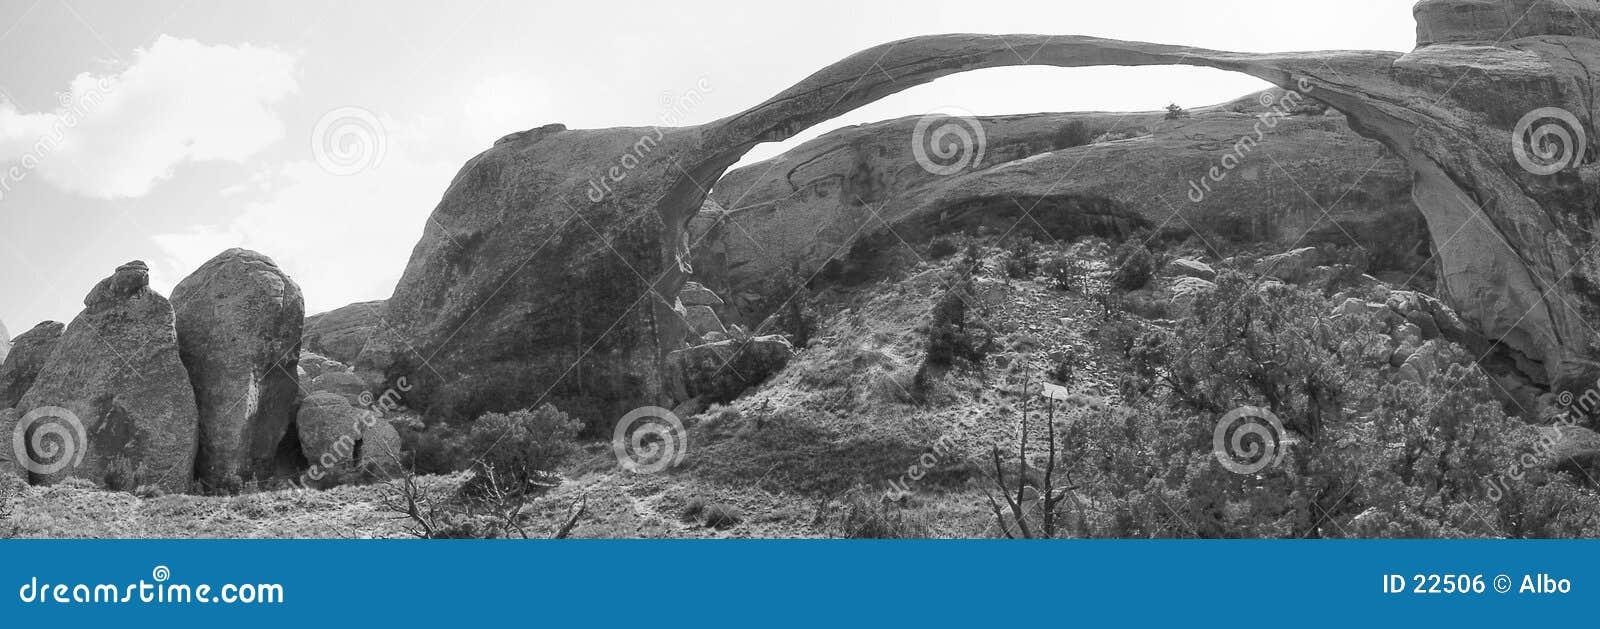 Arches Natural Park: Landscape Arch